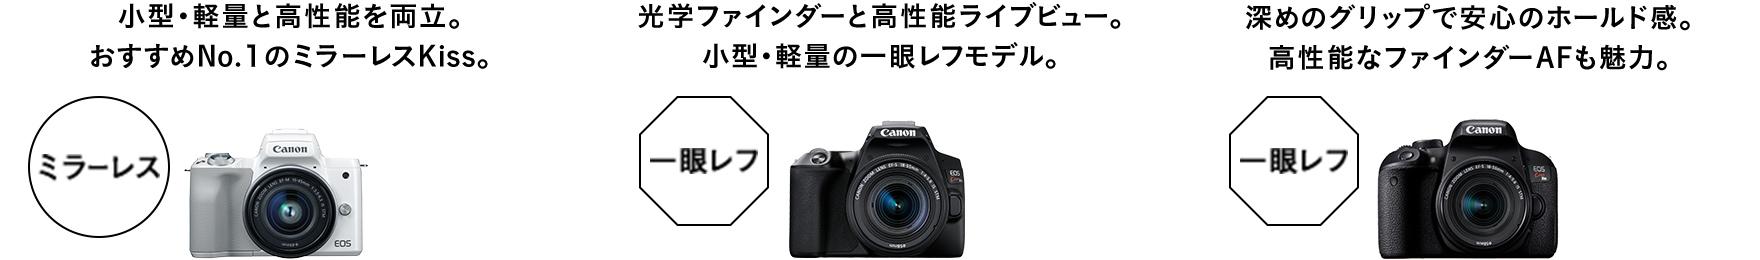 Canon EOS Kiss M、EOS Kiss X10、EOS Kiss X9iの画像